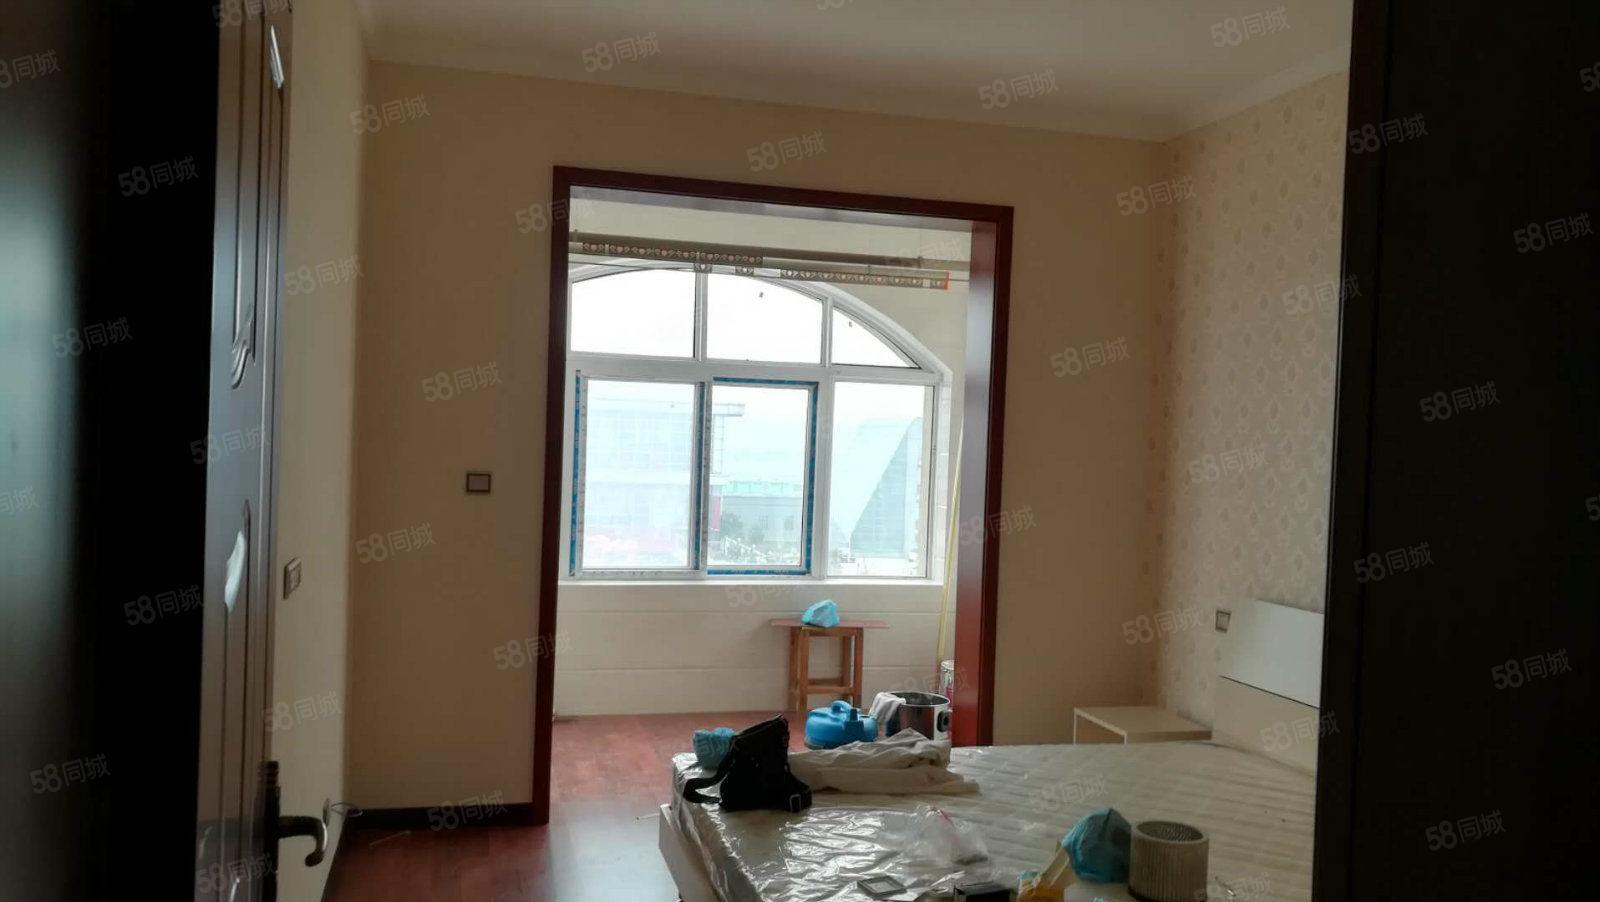 天鹏皇朝精装修一室一厅,有证可按揭,送家具家电,看房方便